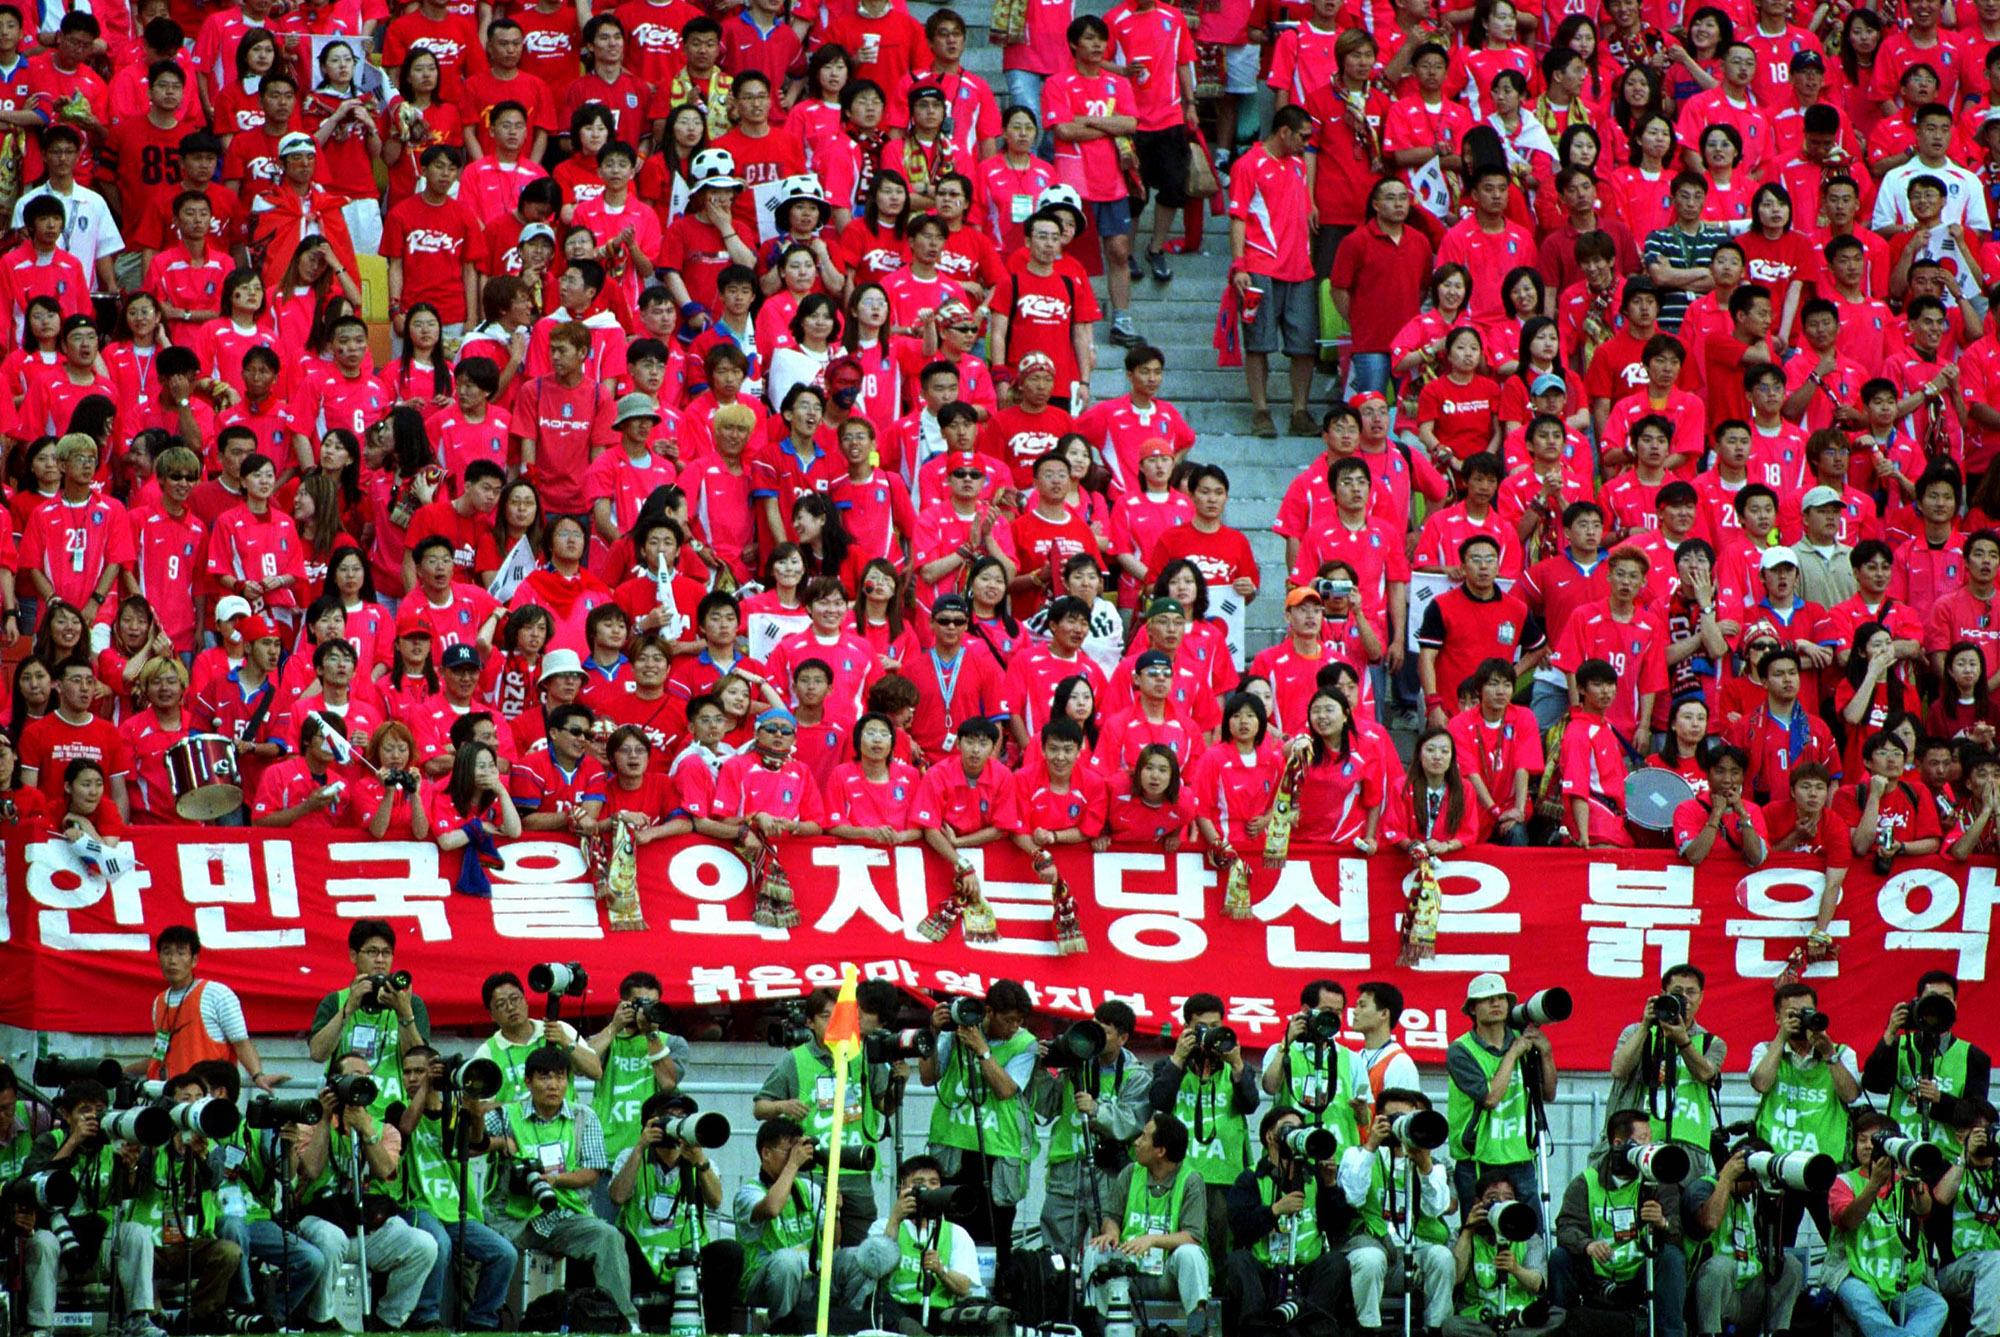 Supporters Coréens (Corée du sud vs France, Suwon, COREE, 2002) Copyright JEAN-MARIE HERVIO